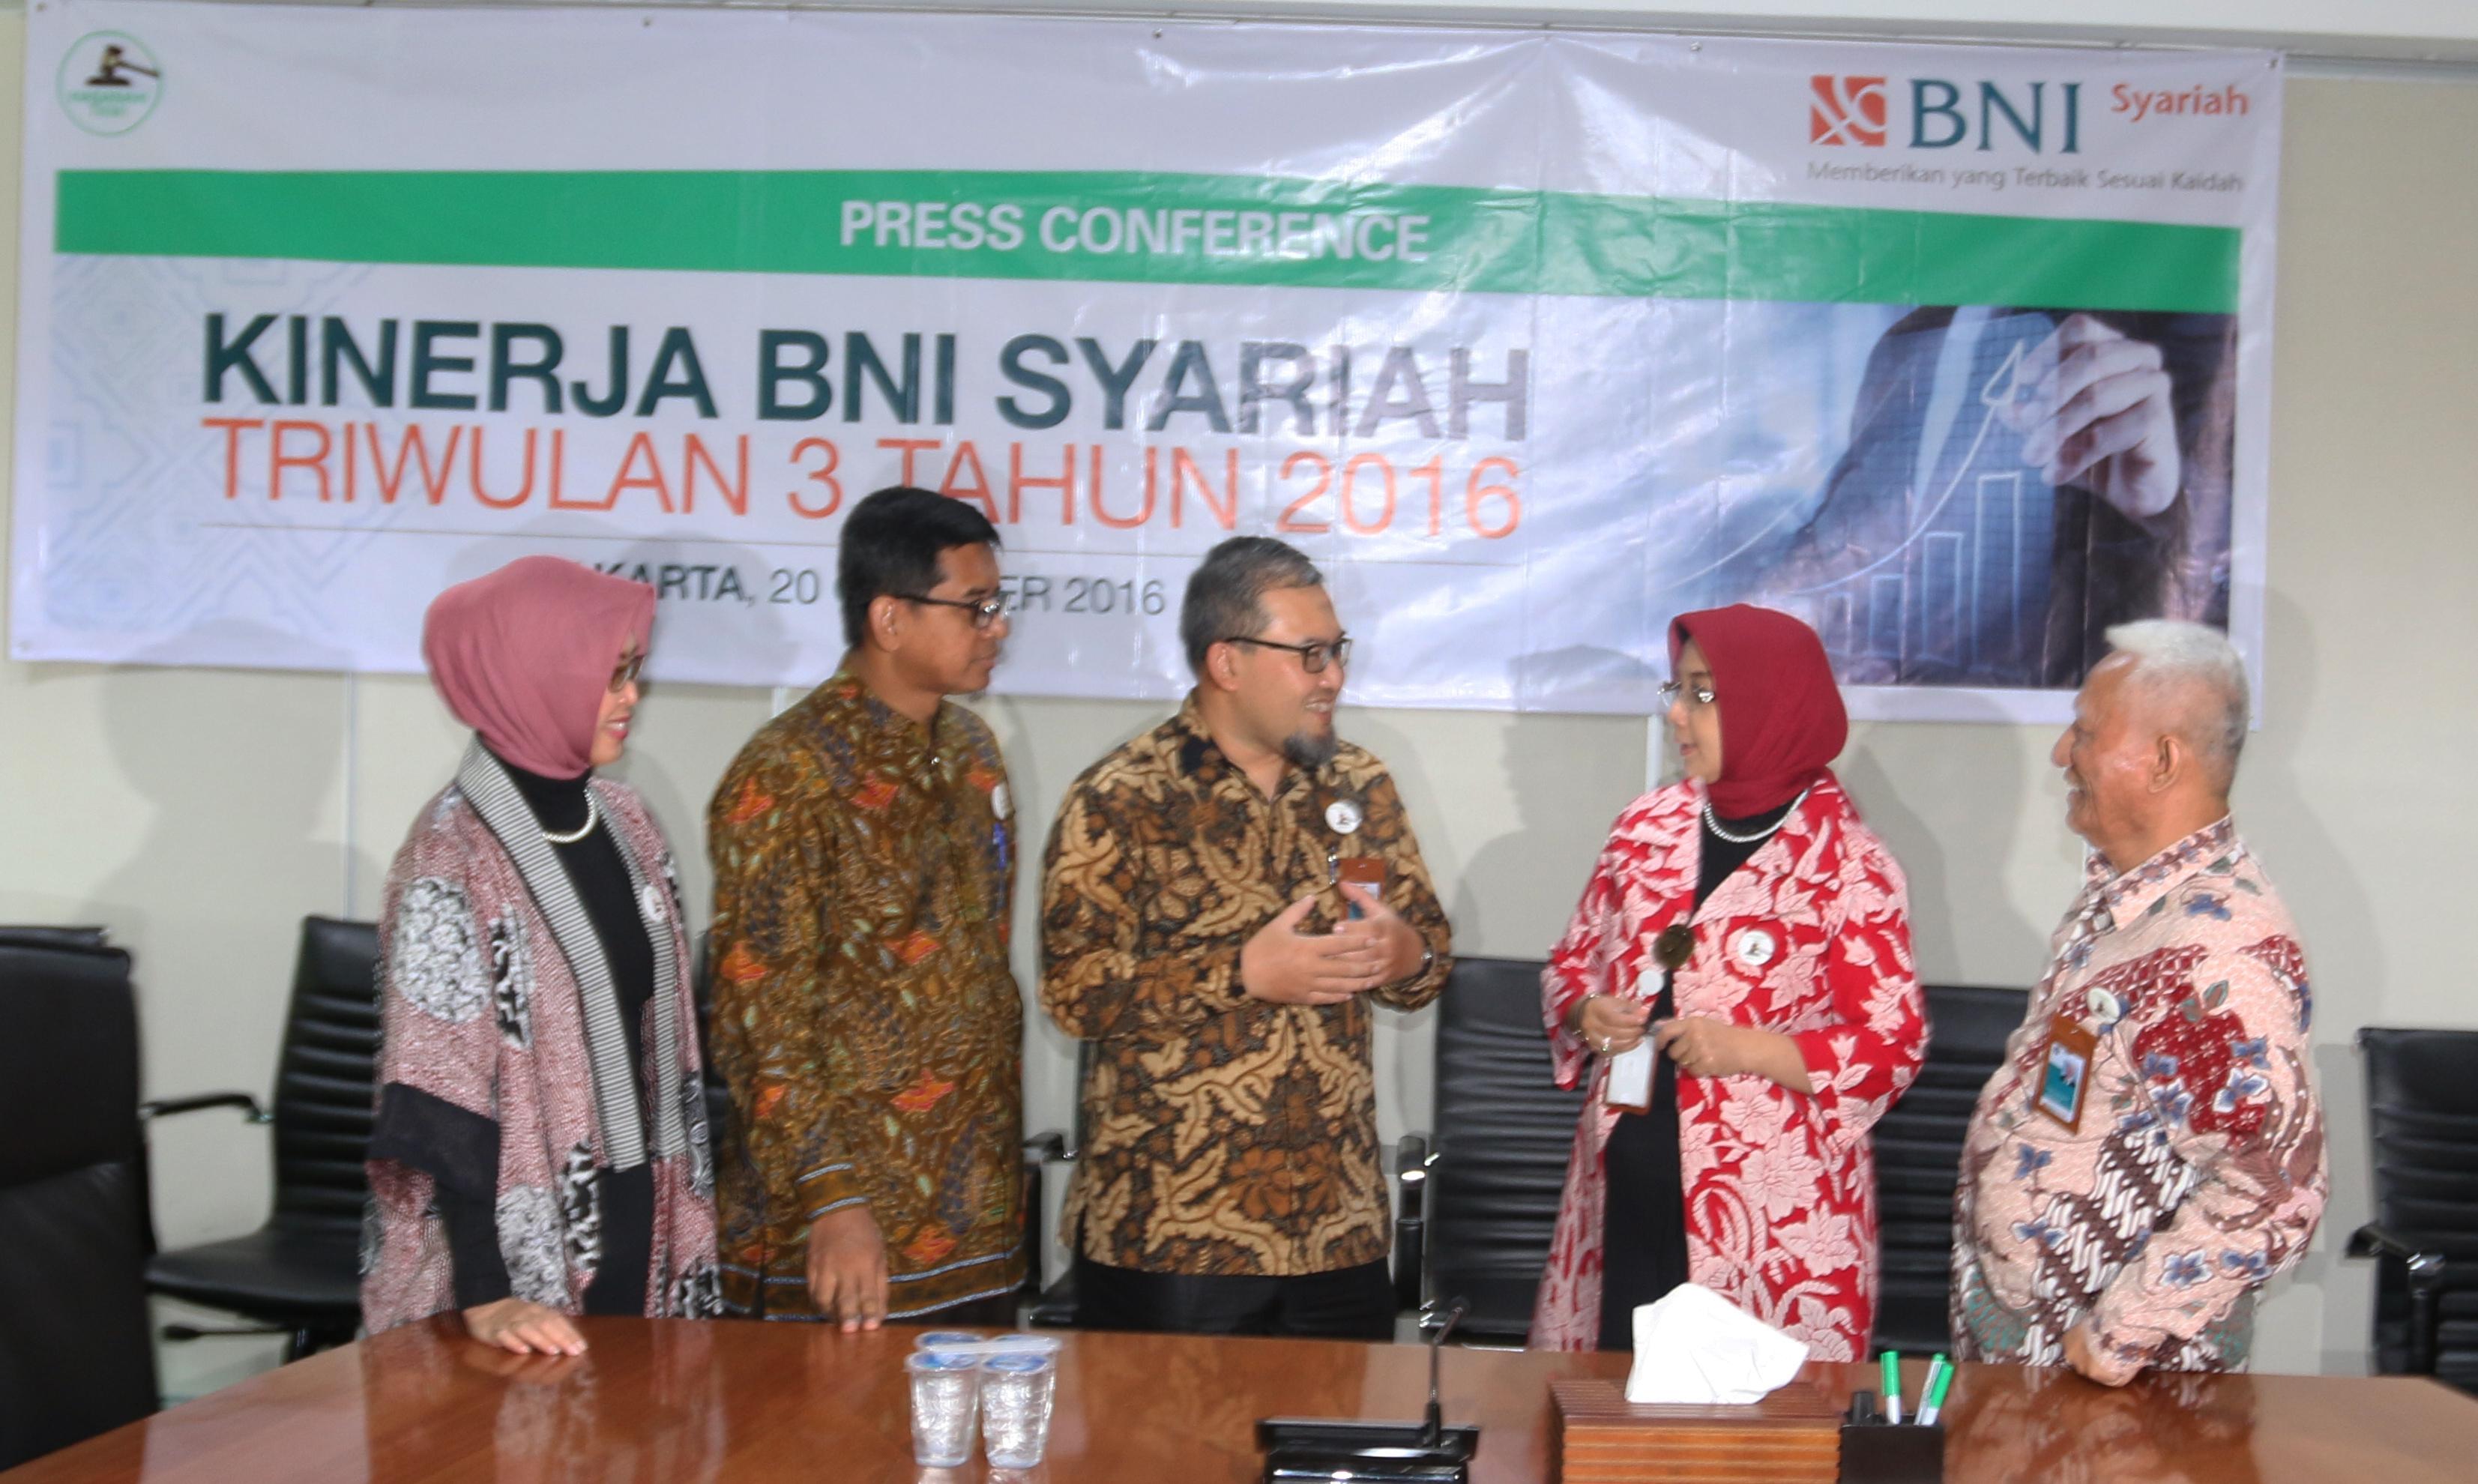 BNI Syariah Posisikan Diri Sebagai Hasanah Lifestyle Banking